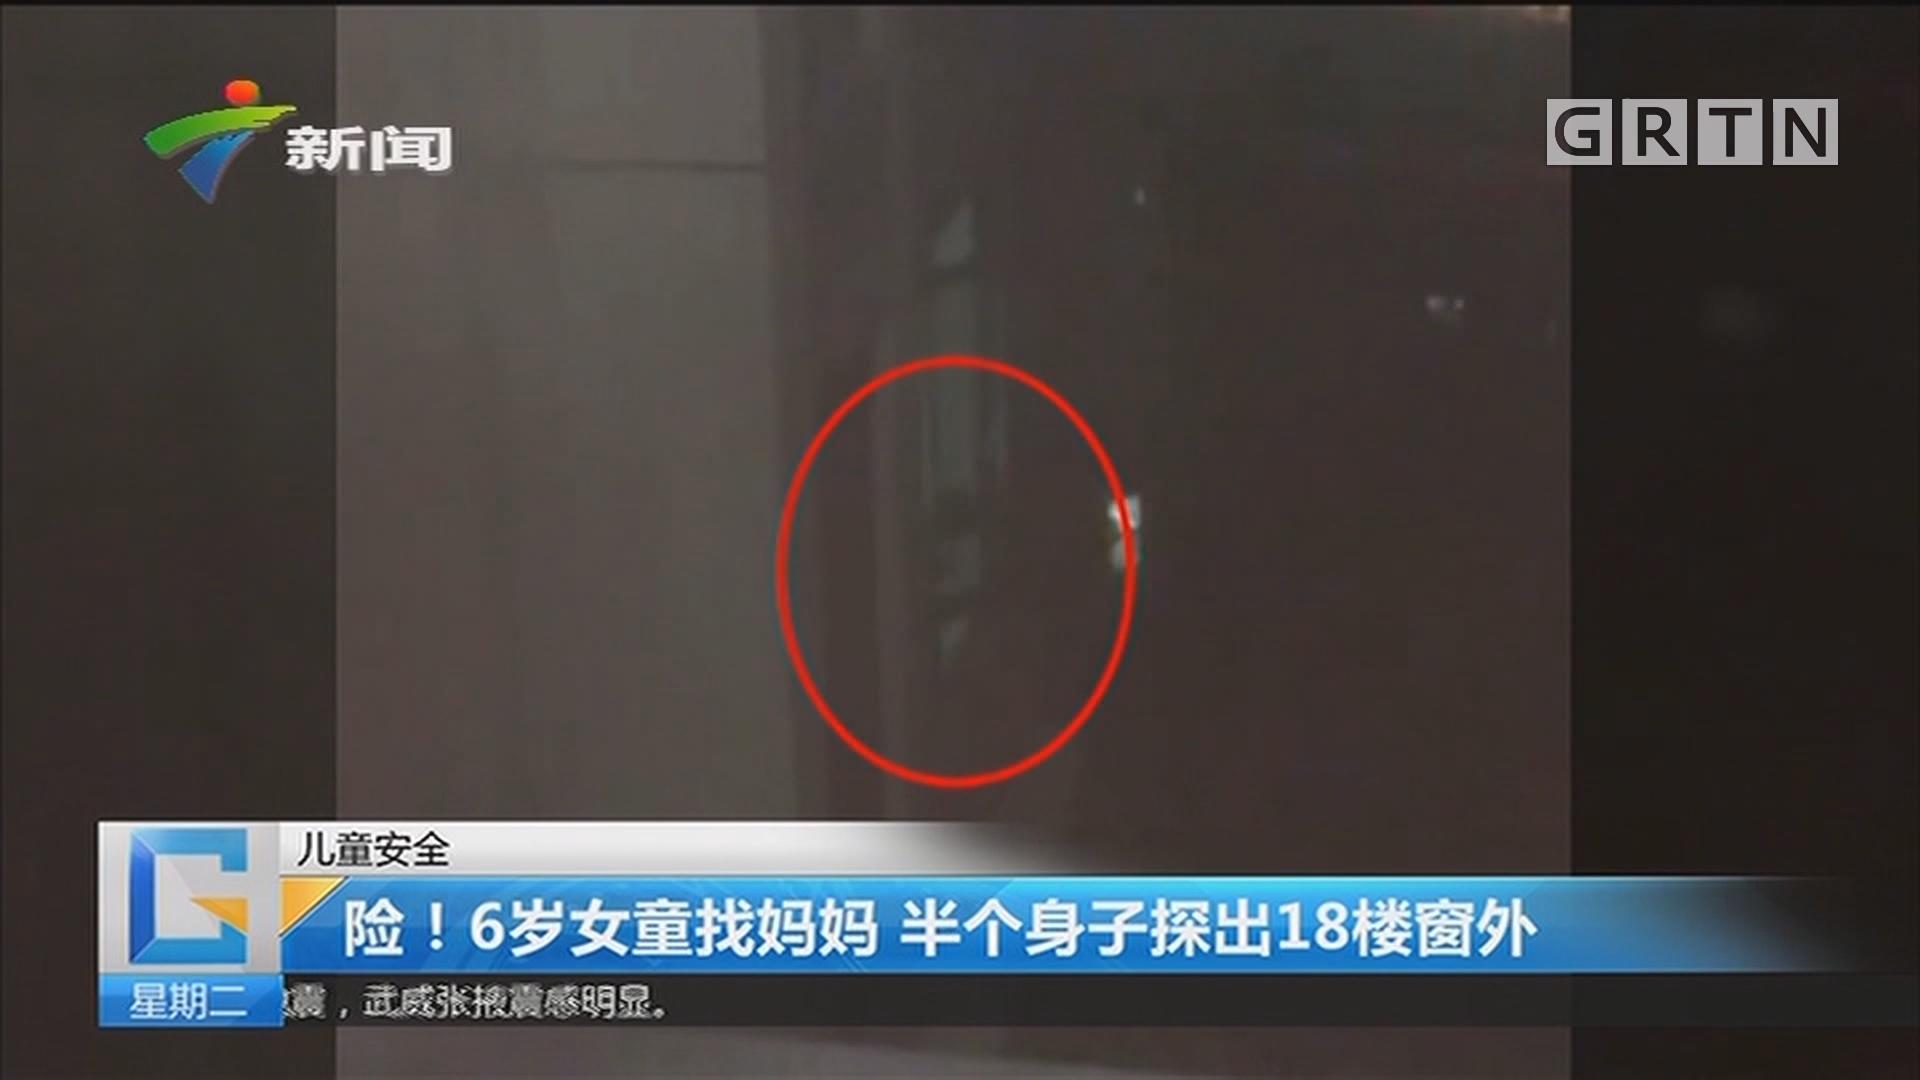 儿童安全:险!6岁女童找妈妈 半个身子探出18楼窗外